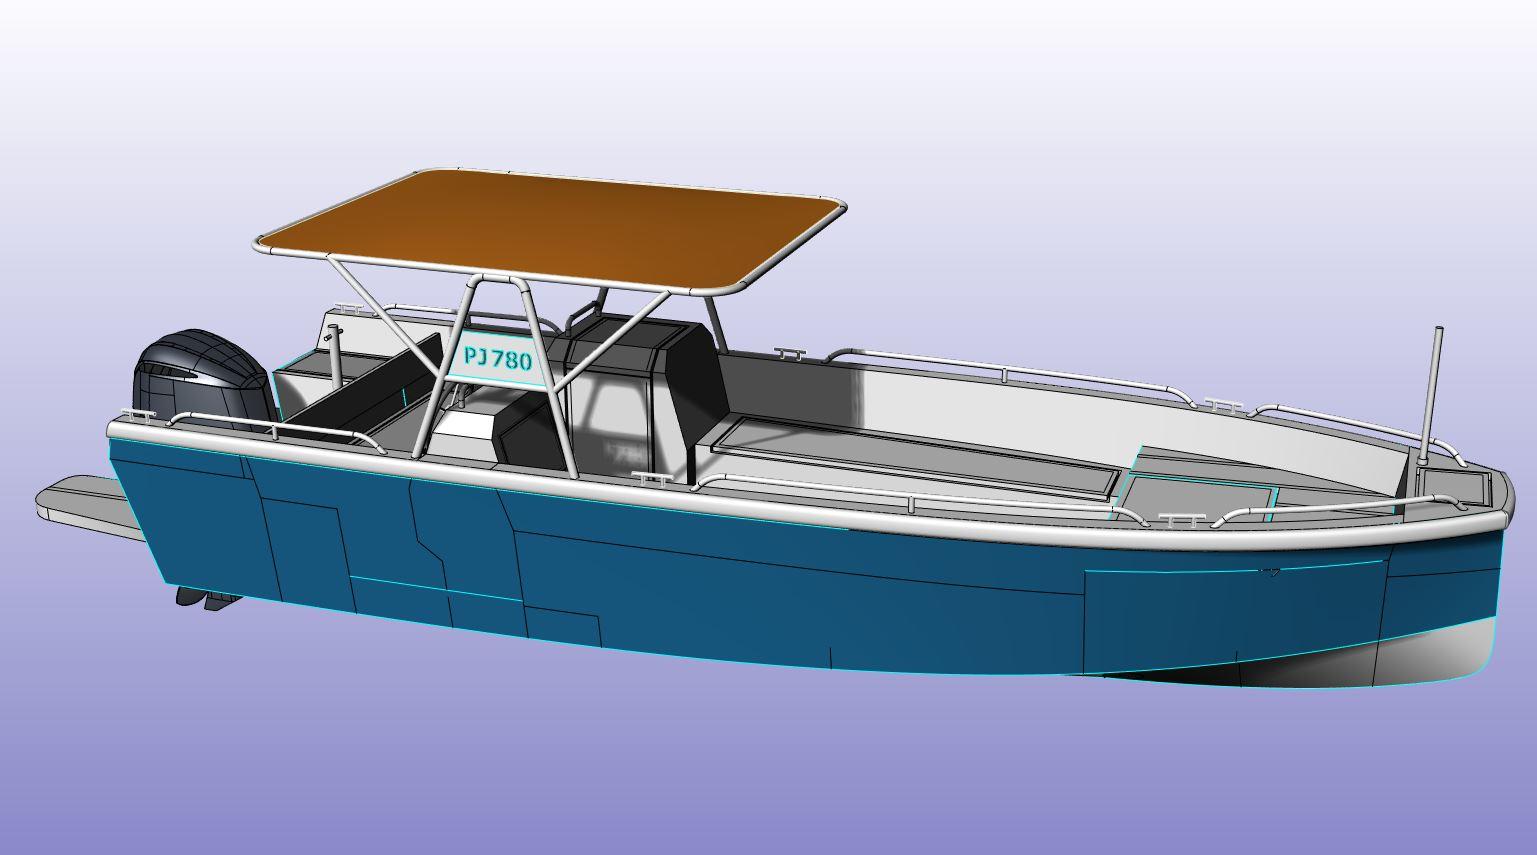 AluminiumJon.nl - PJ780 - Geschikt voor grotere golven